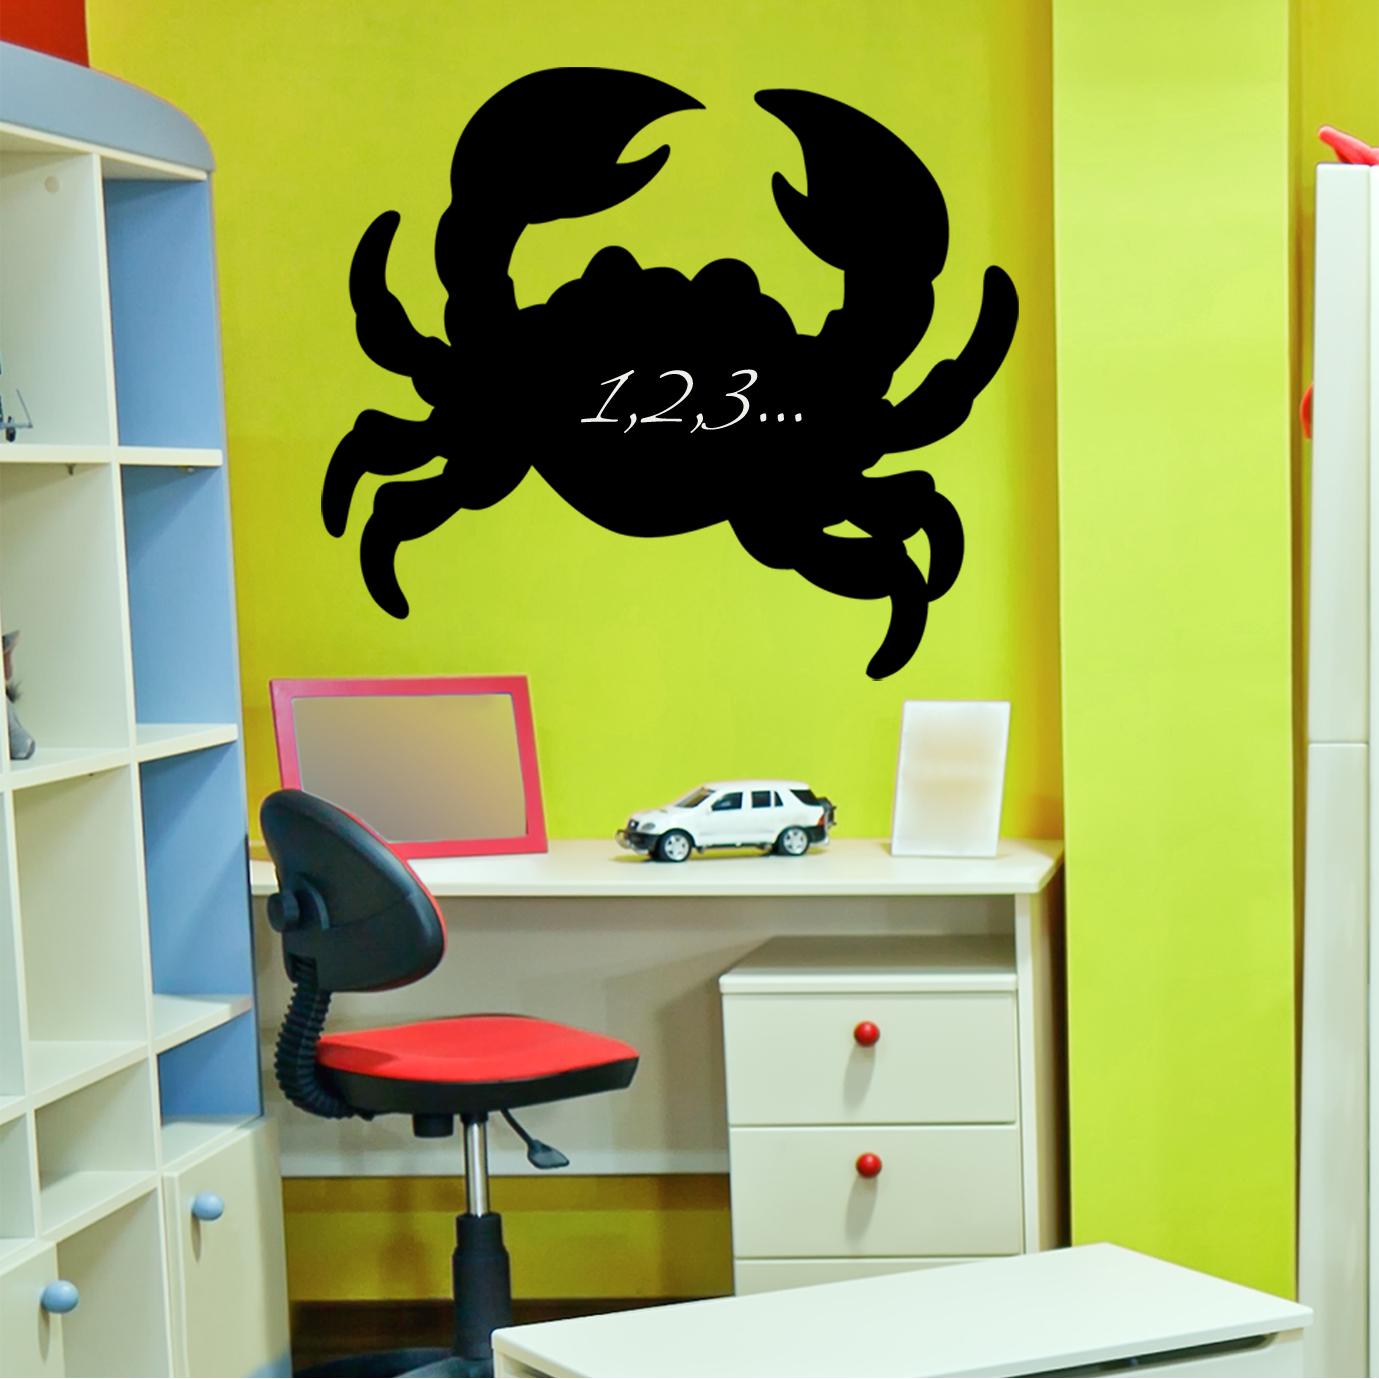 Wallstickers folies crab chalkboard blackboard wall stickers crab chalkboard blackboard wall stickers amipublicfo Images